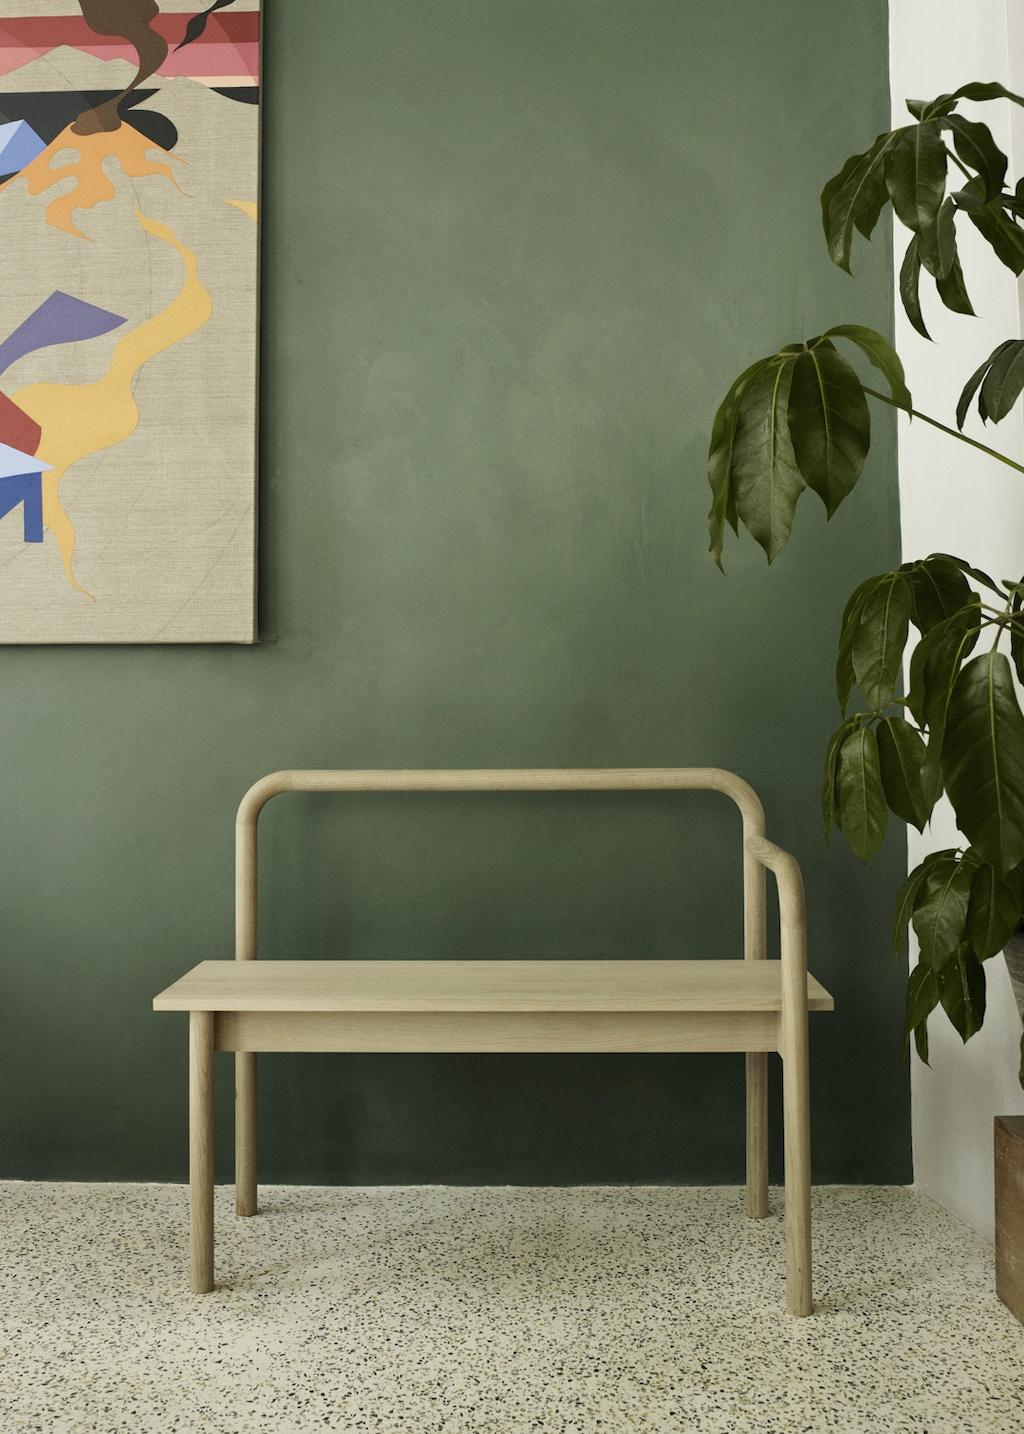 moderne Holzbank vor einer grünen Wand